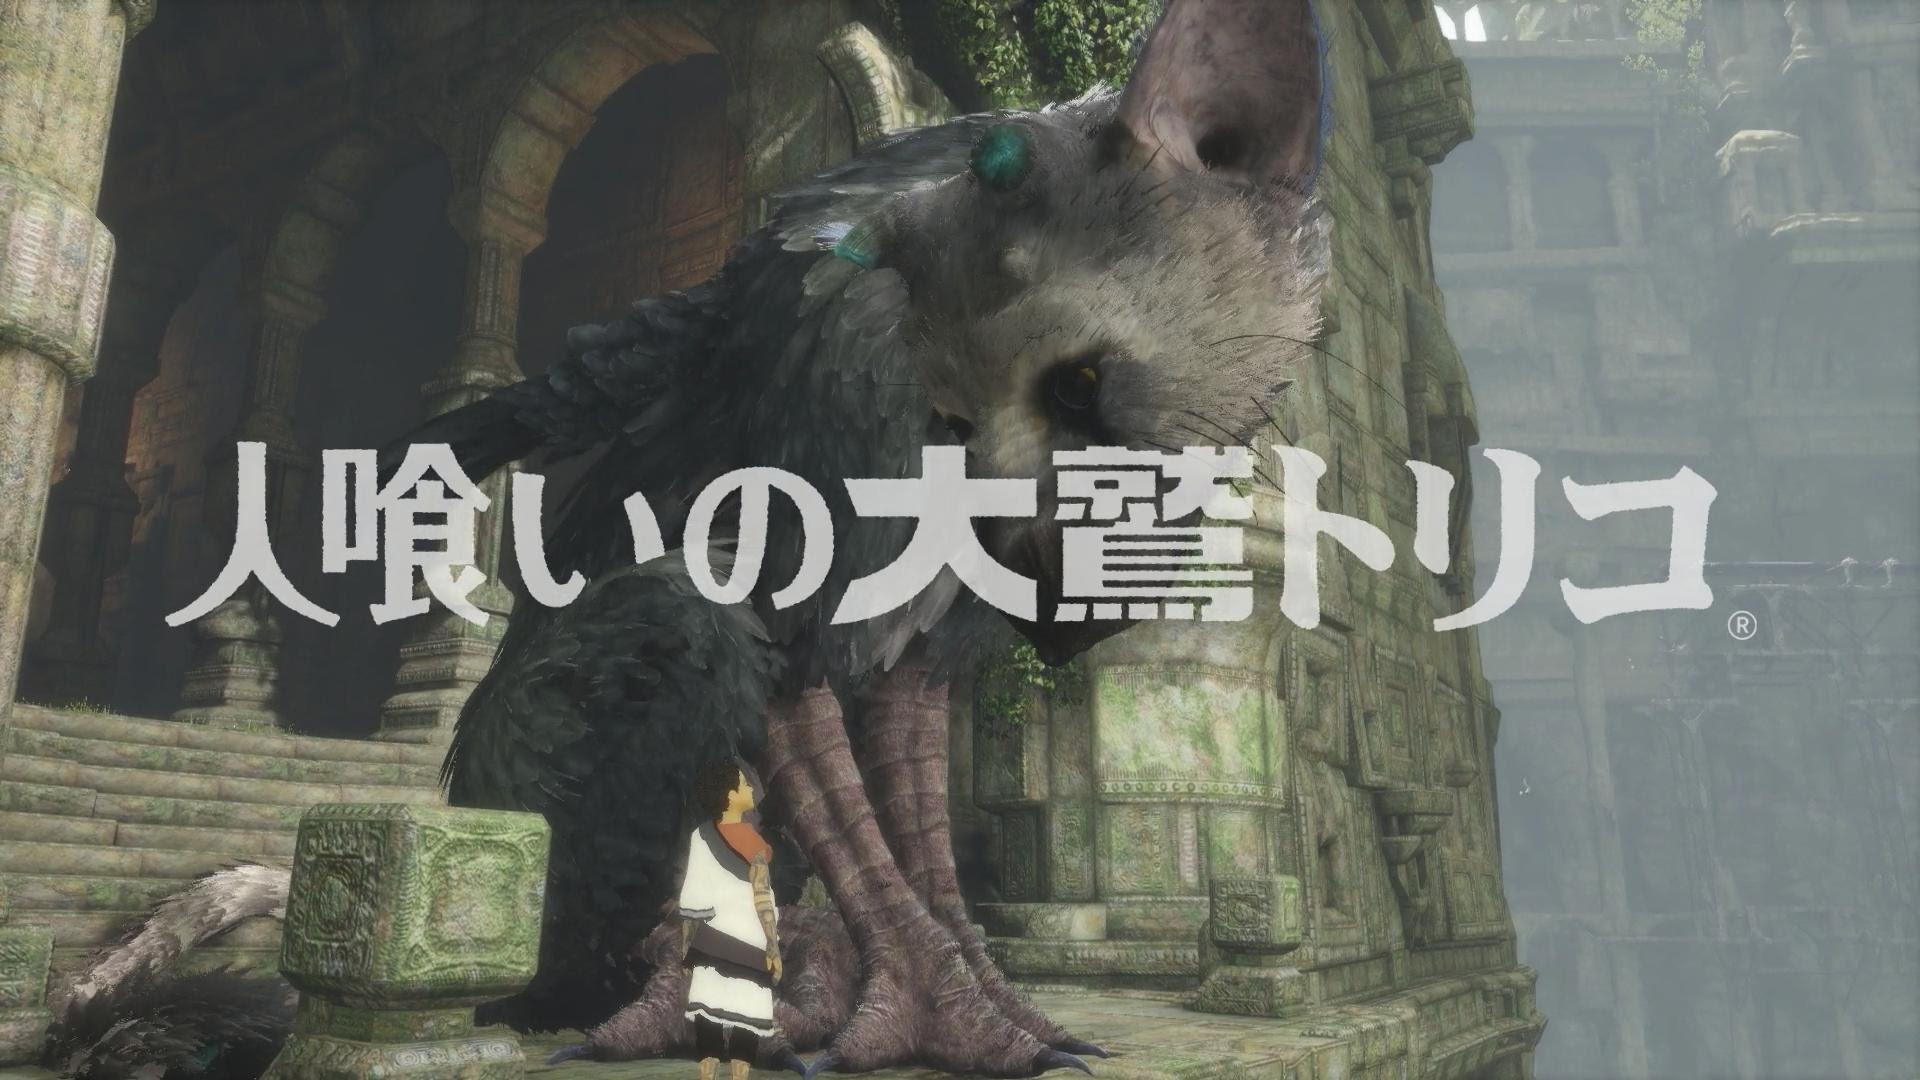 本田翼「人喰いの大鷲トリコは10年先も語り継がれる伝説のゲームになる」前田裕二「今日買いに行きたい